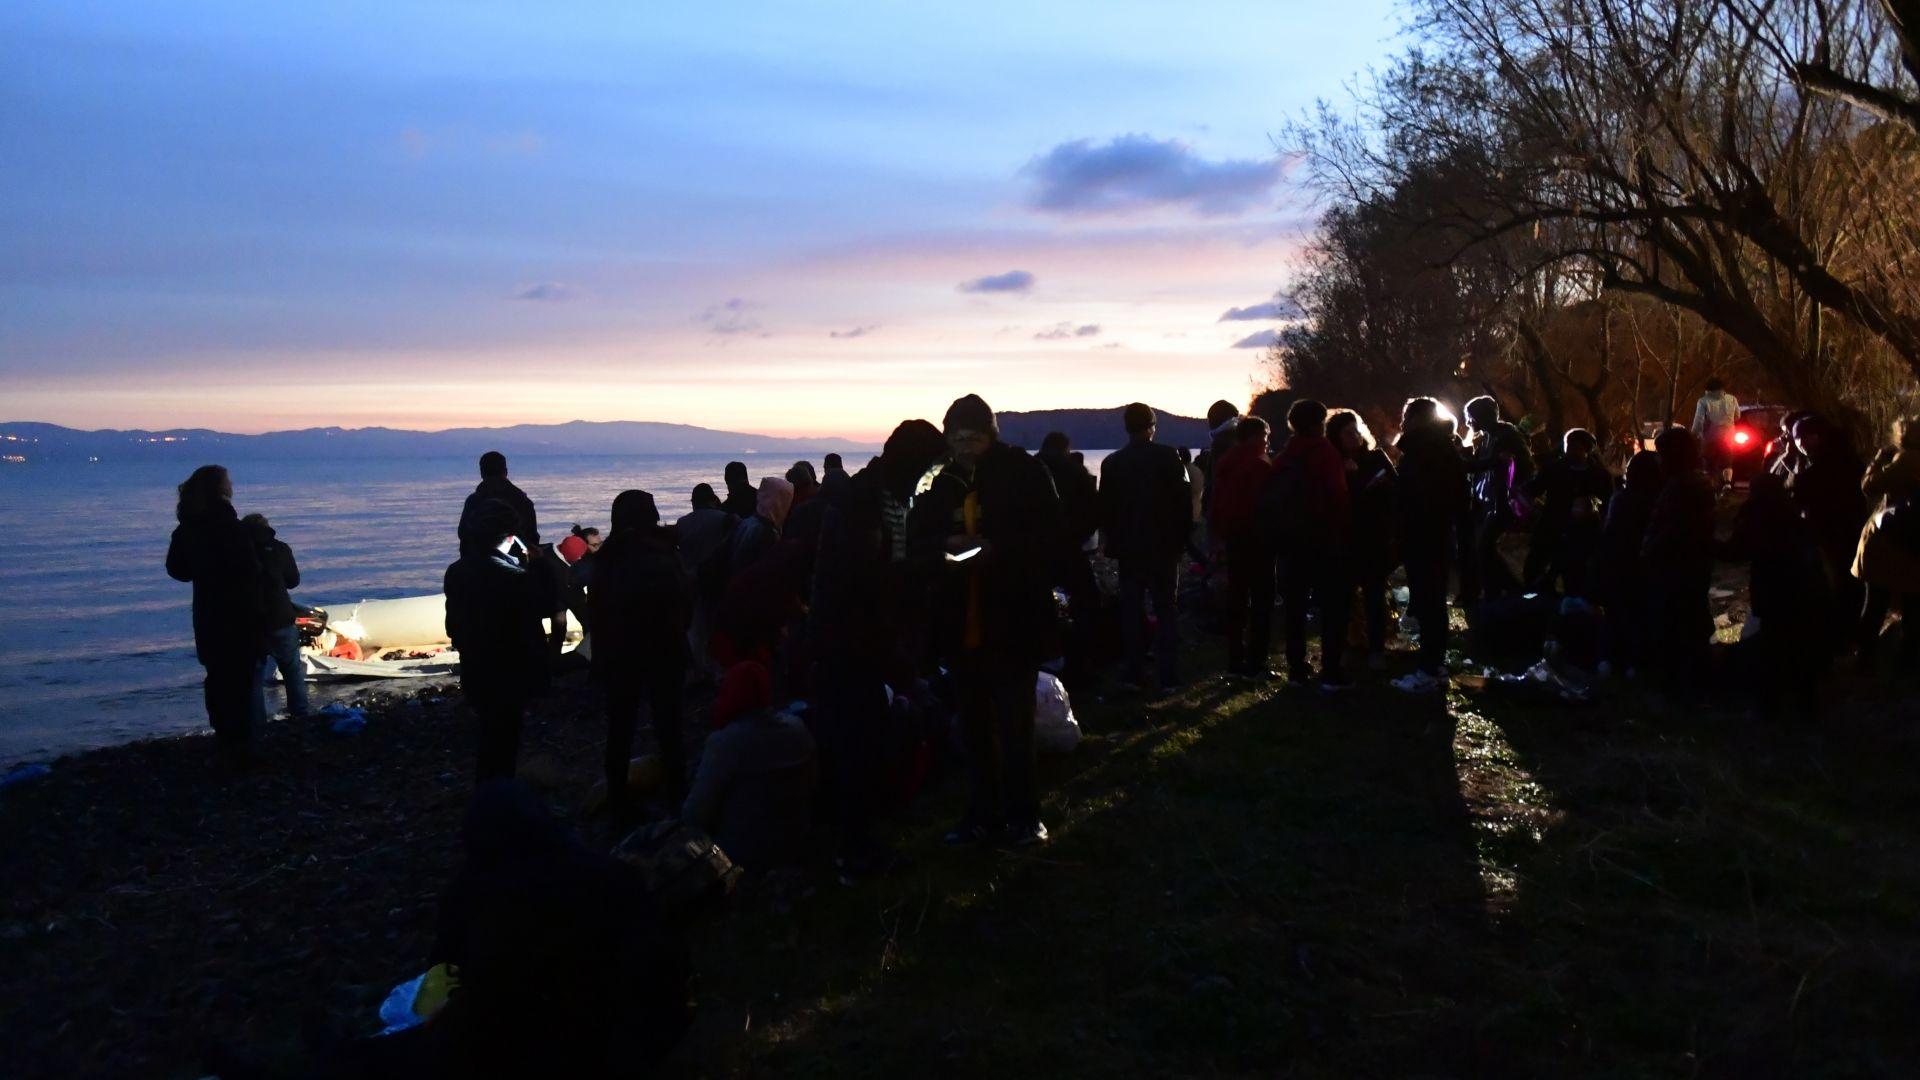 Поверителен доклад на Фронтекс: На турско-гръцката границата ще става все по-лошо